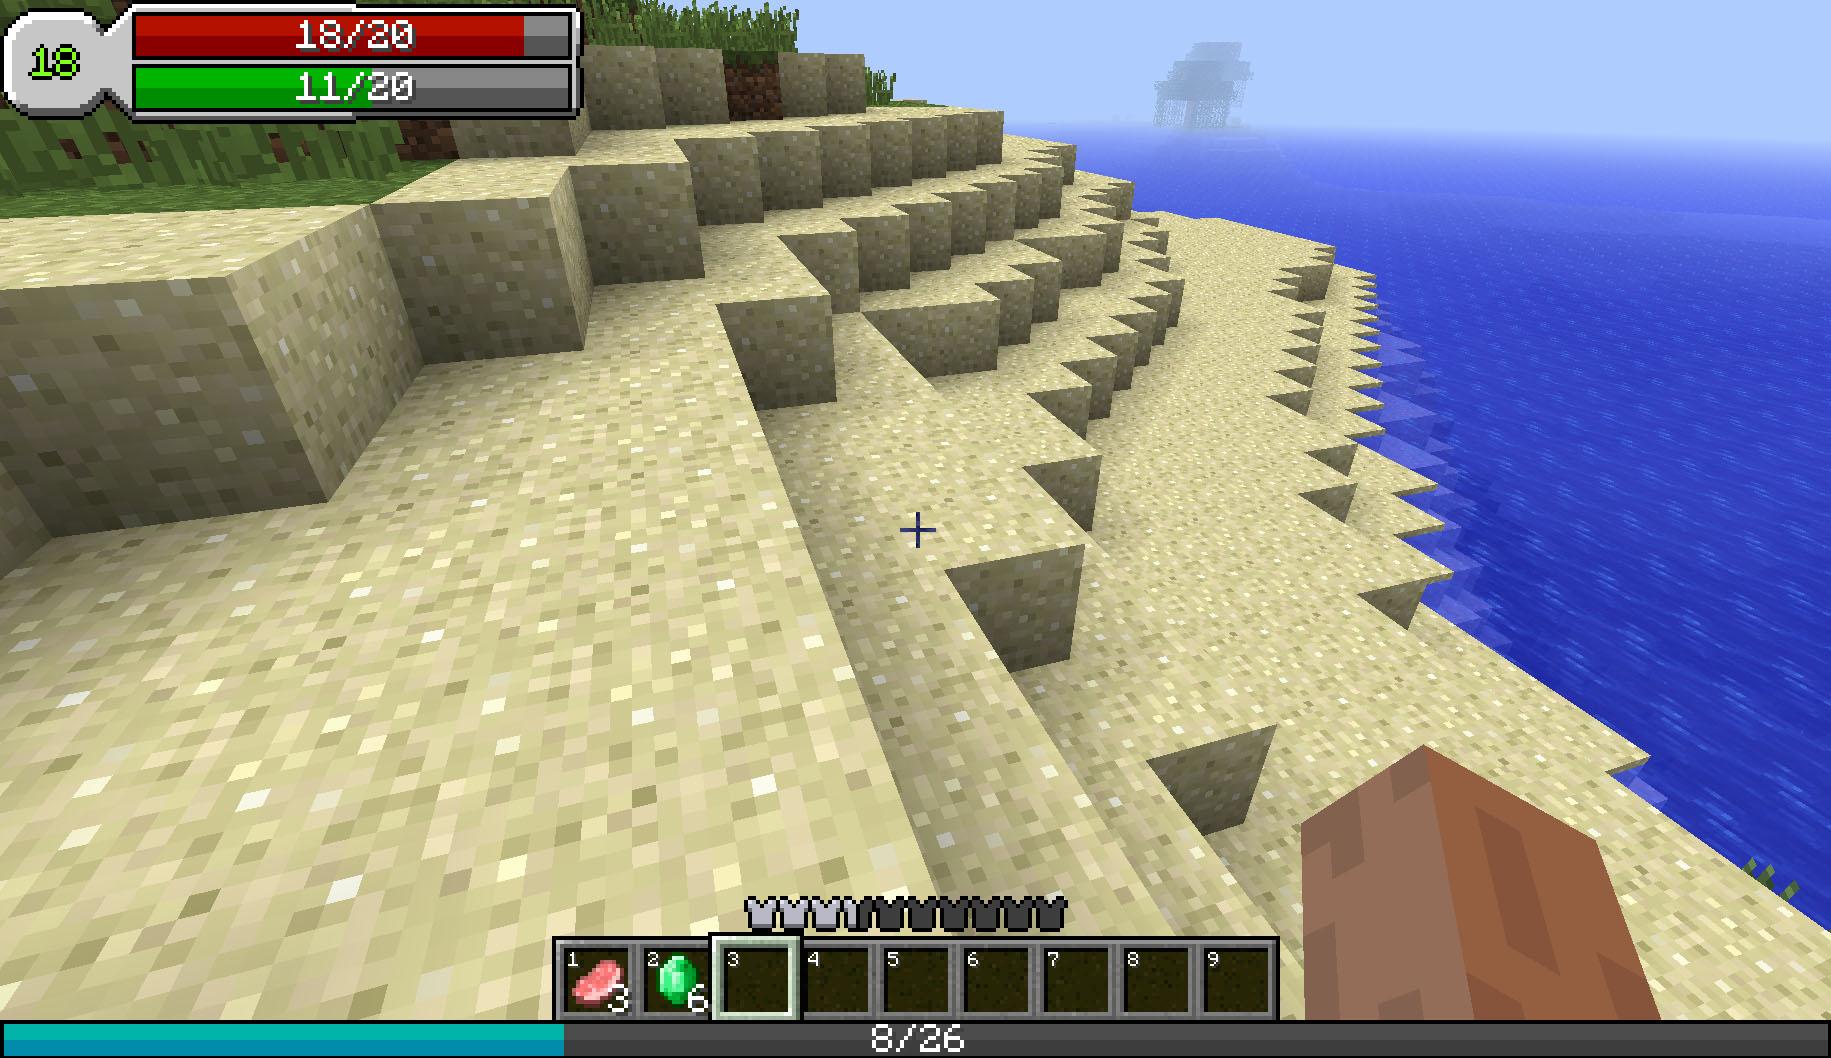 http://minecraft-forum.net/wp-content/uploads/2013/05/07868__RPG-Hud-Mod-1.jpg